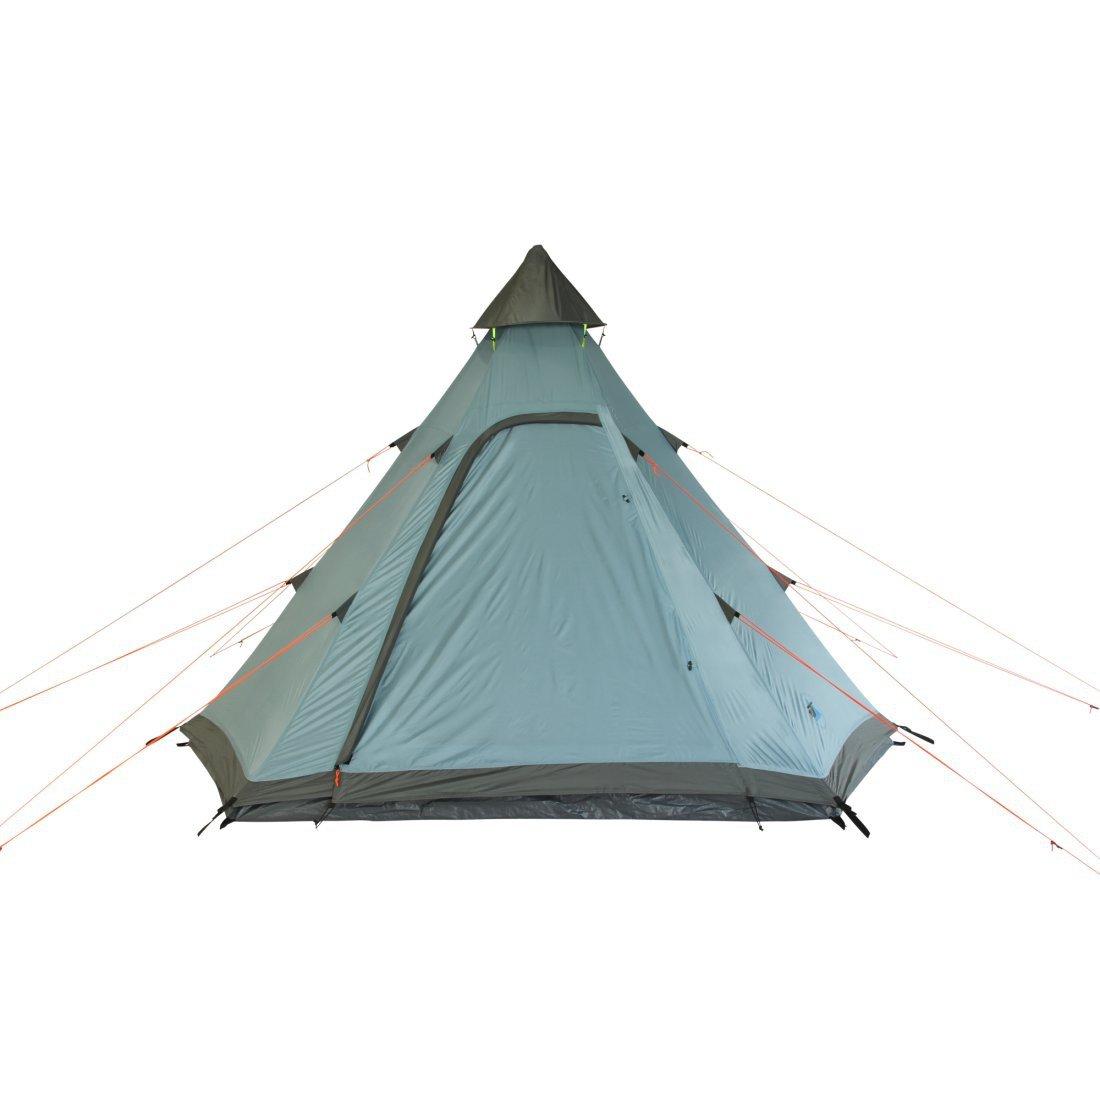 10T Tipi Zelt f/ür 3 Mann wasserdichtes Indianerzelt Teepee mit Bodenwanne Campingzelt in 2 Farben zur Wahl 5000 mm Pyramidenzelt